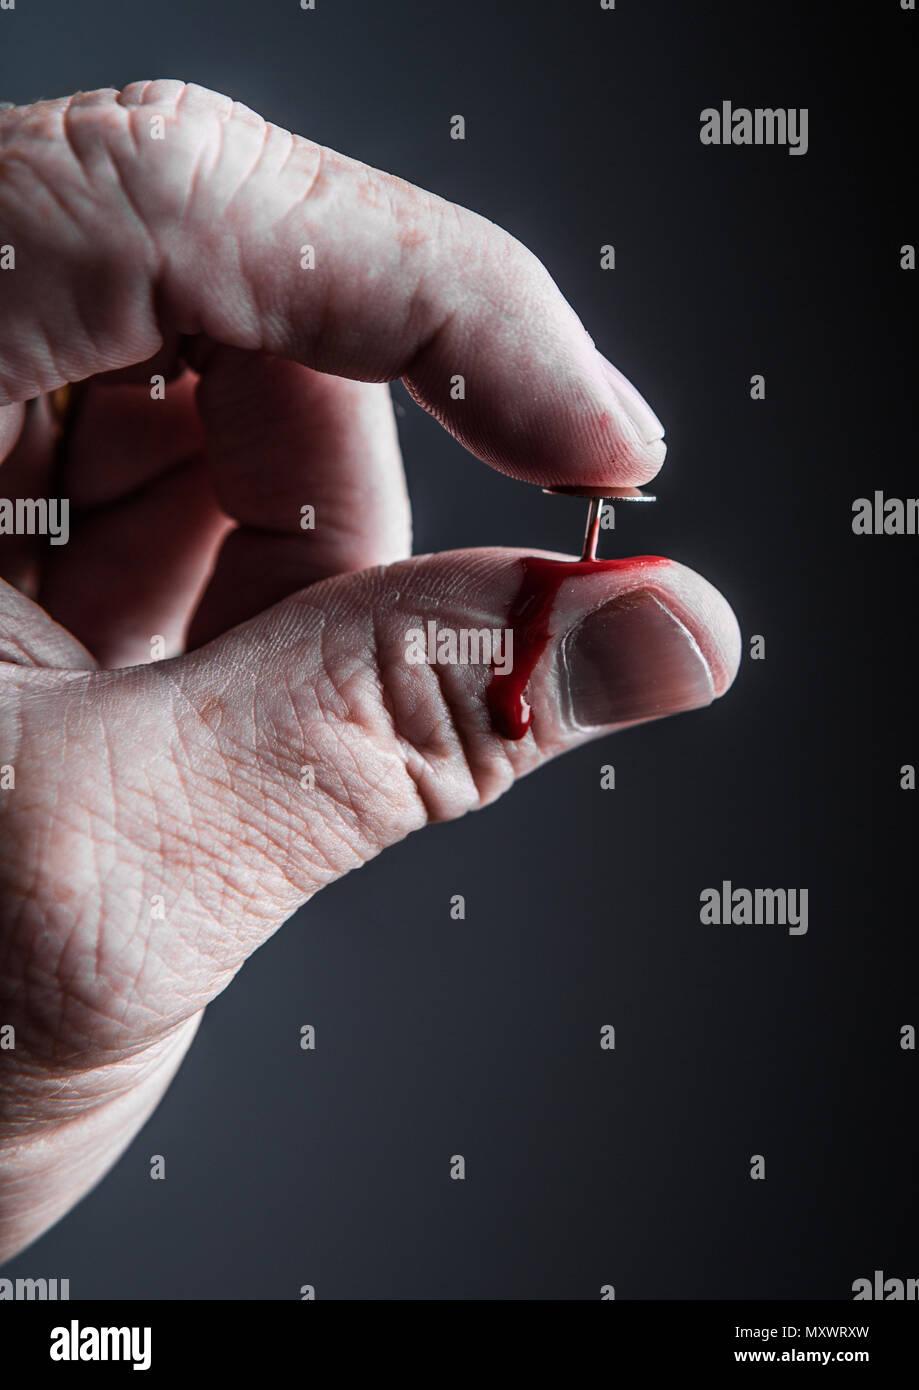 A man's hand pressing a thumbtack into his thumb Stock Photo